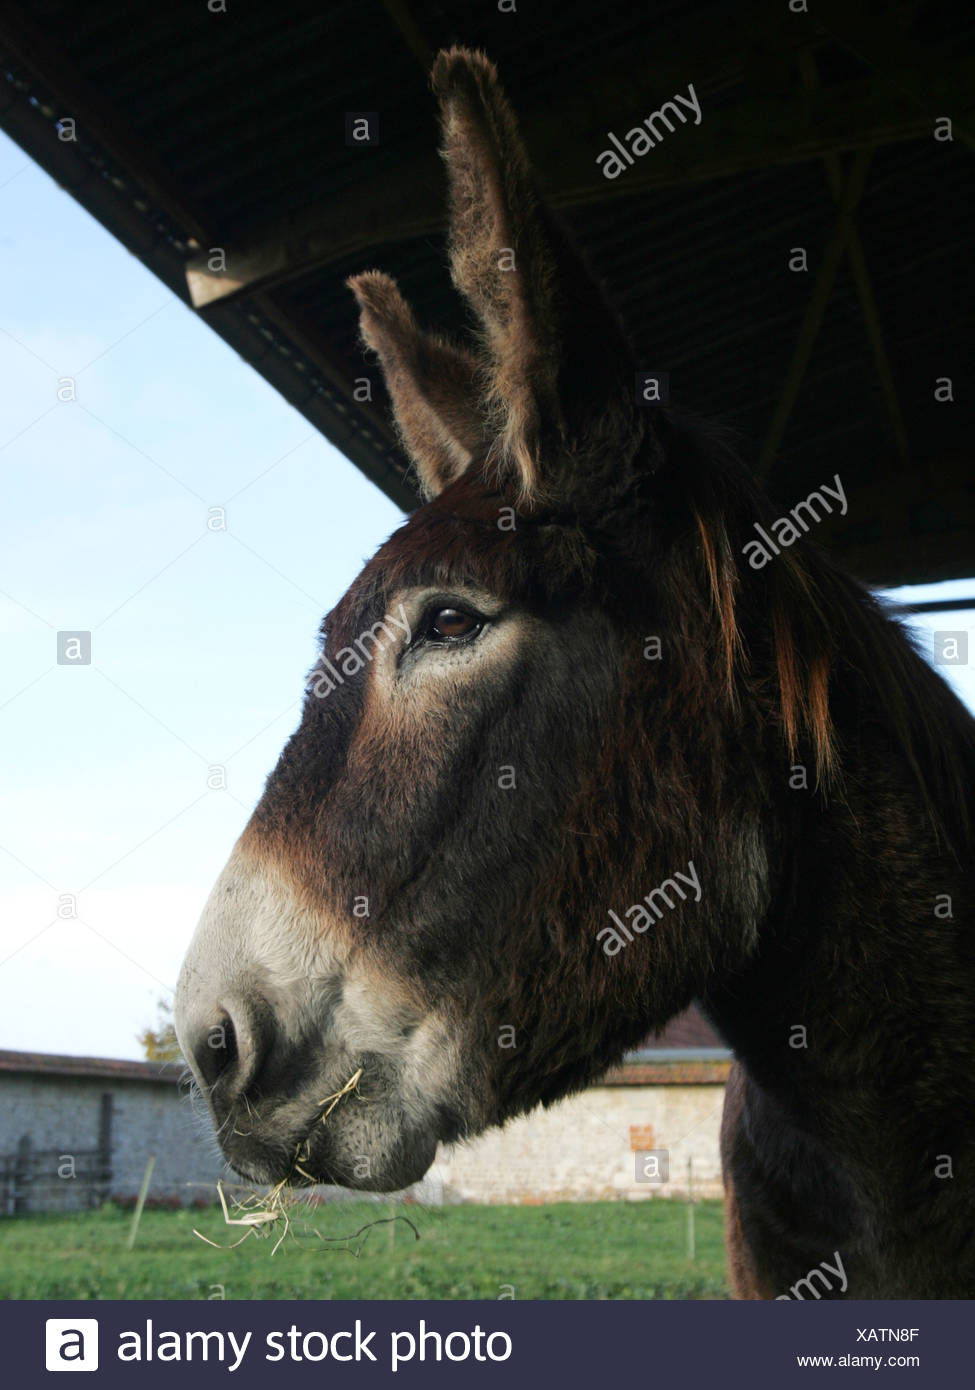 A close-up of a donkeys head, at a farm. Stock Photo